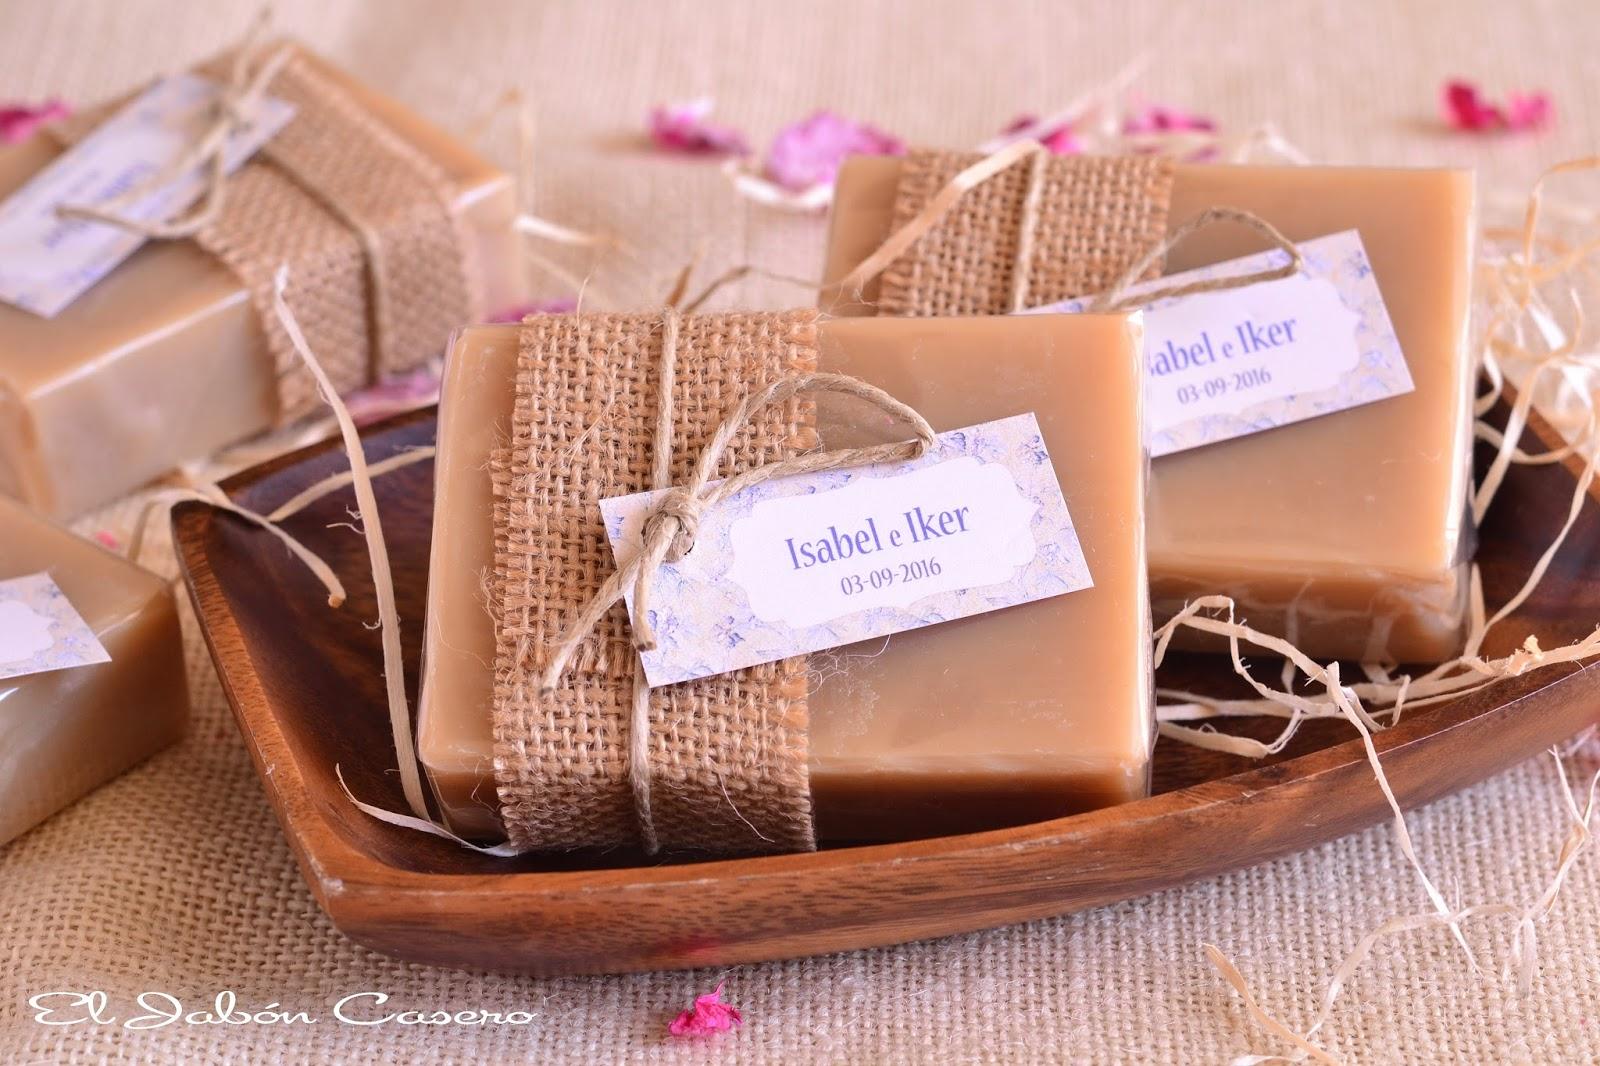 El jab n casero detalles para invitados jabones for Detalles de boda para hombres